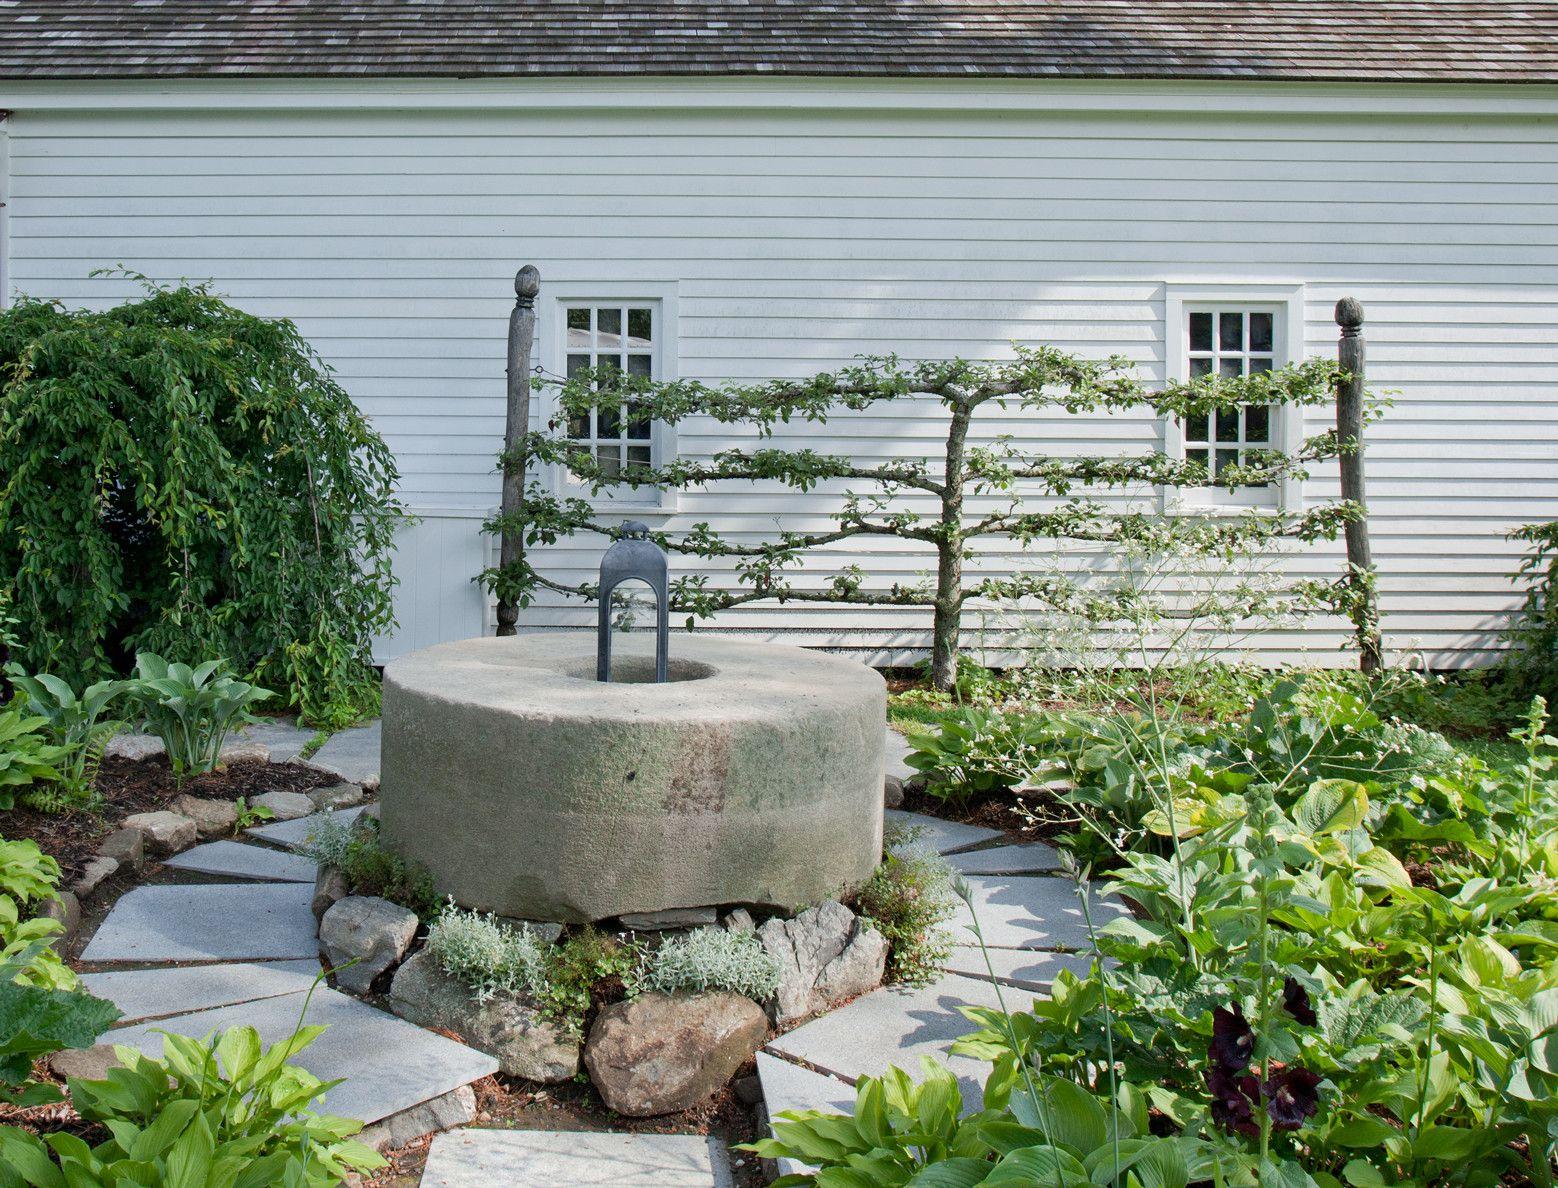 Heuvelachtig Tuin Ontwerp : A garden for all seasons tuin